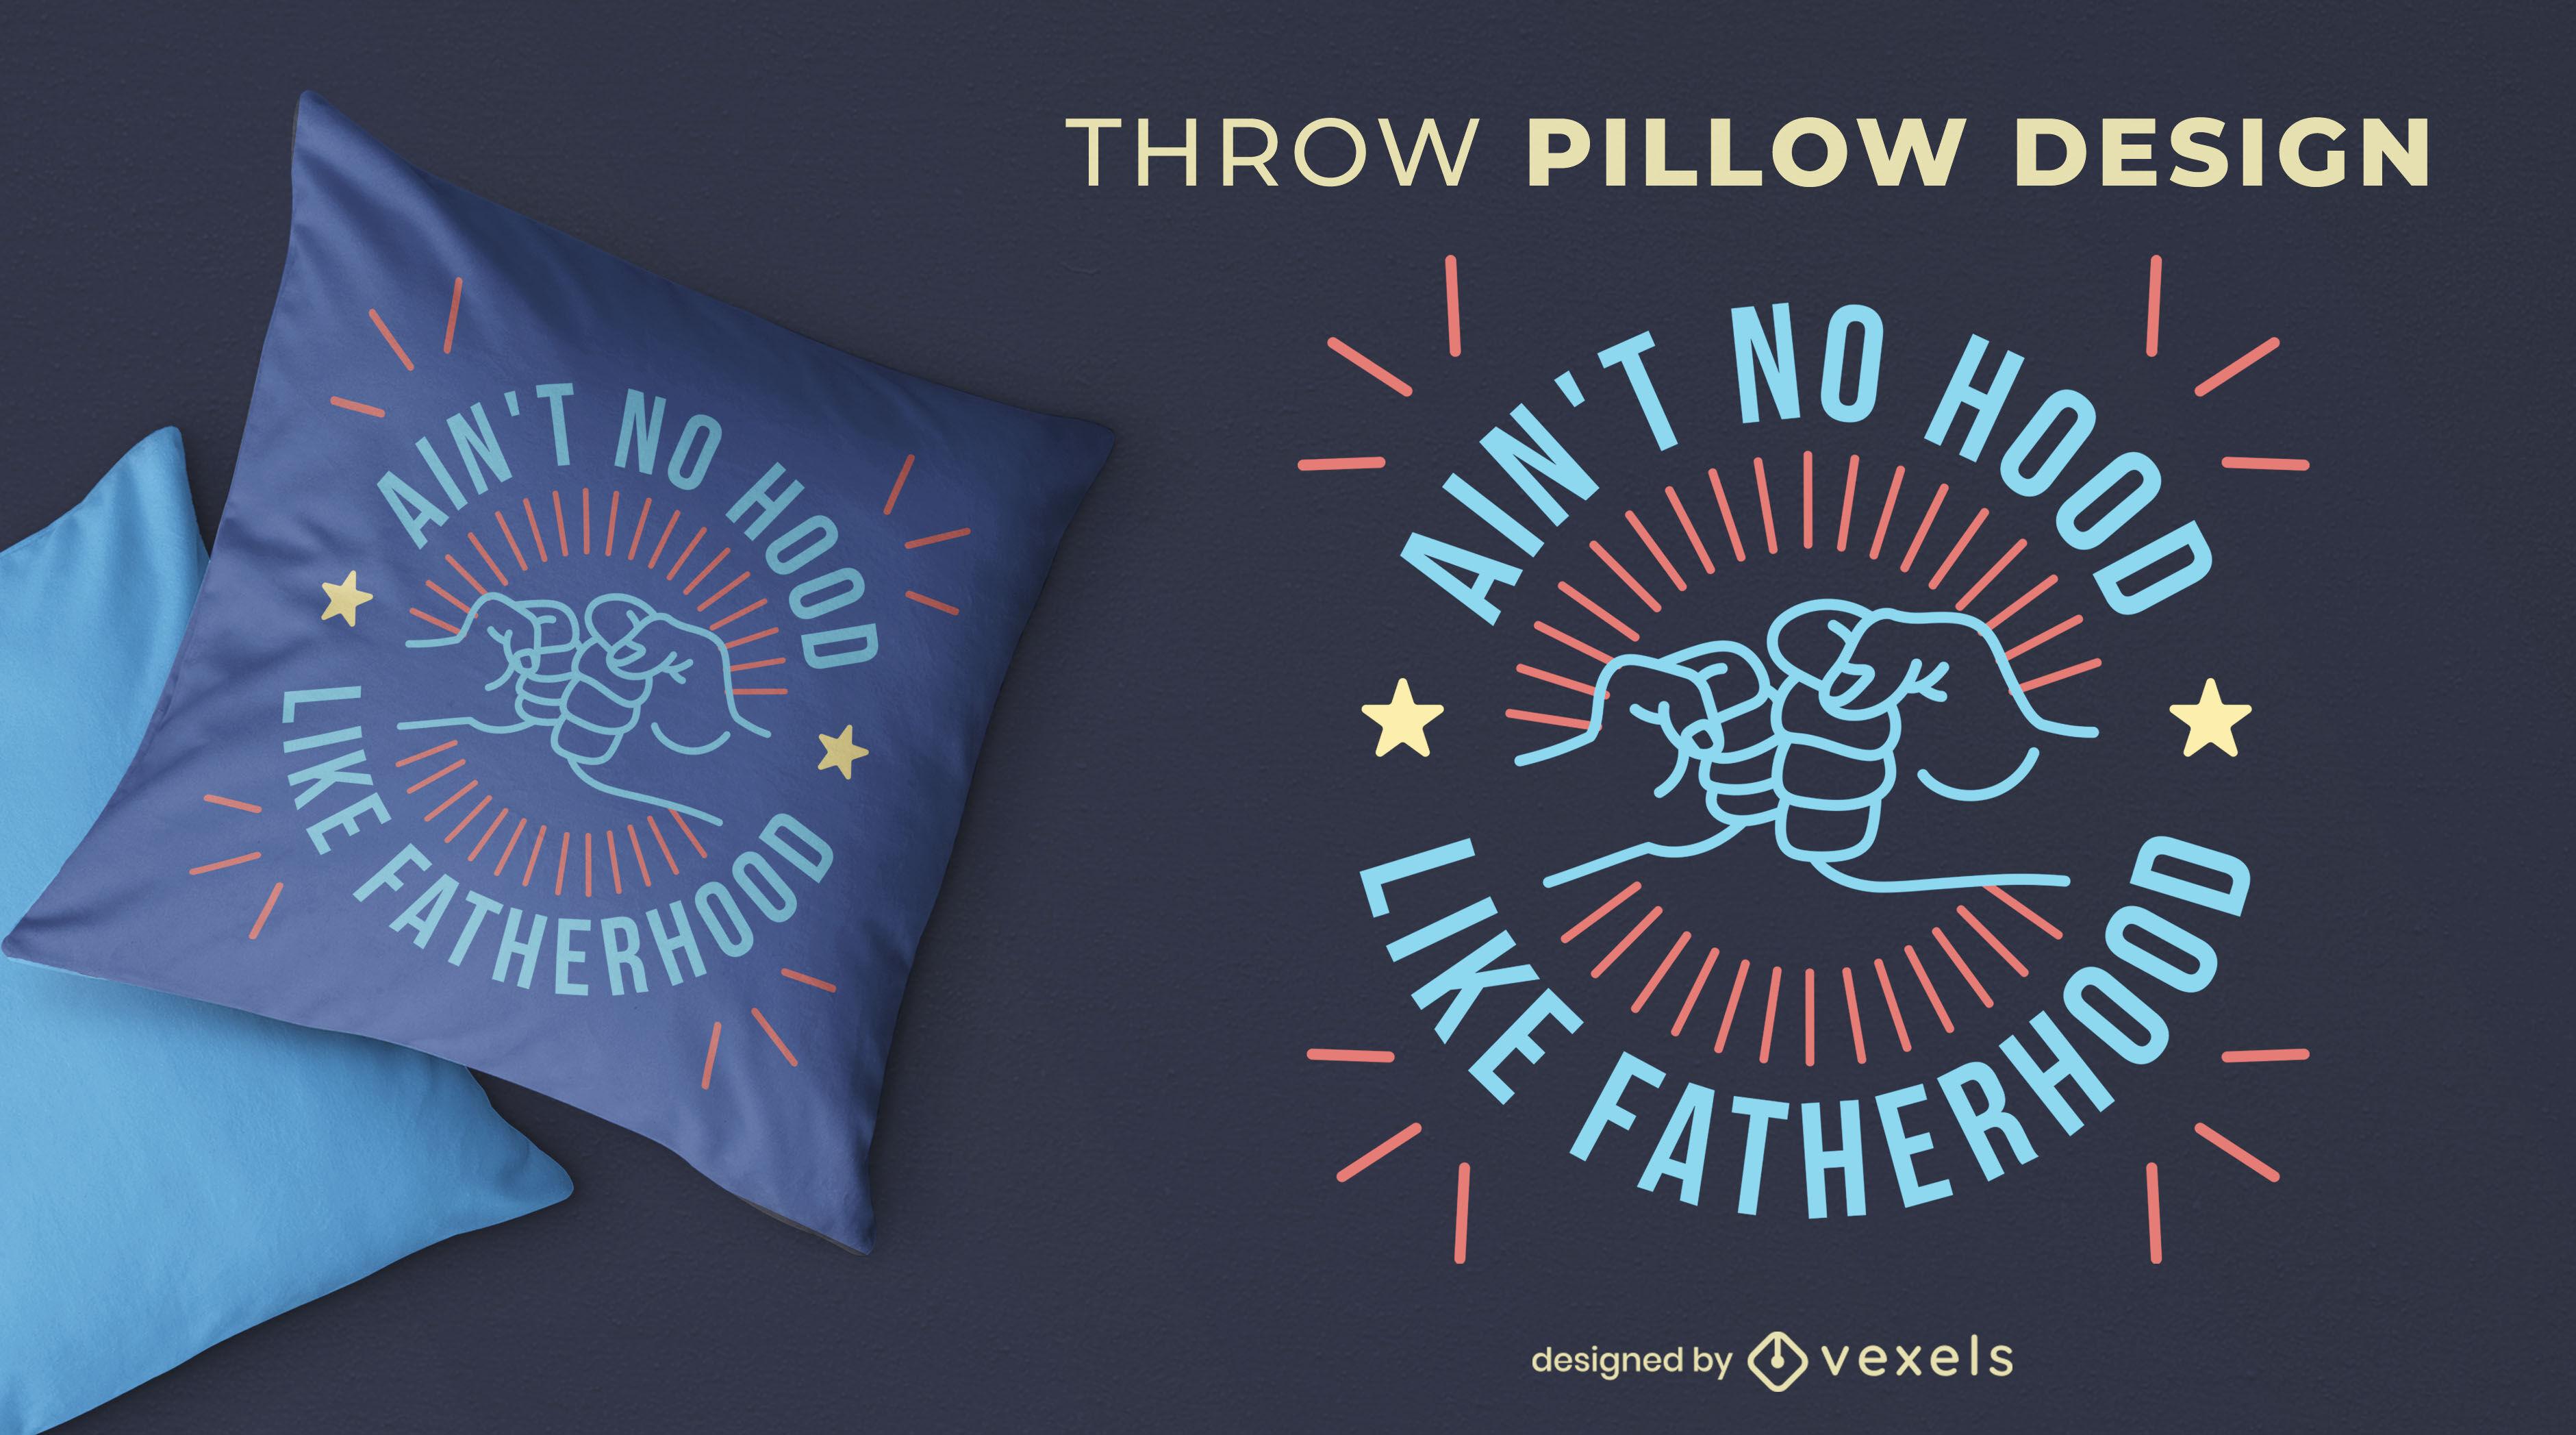 Dise?o divertido de la almohada del tiro del golpe del pu?o